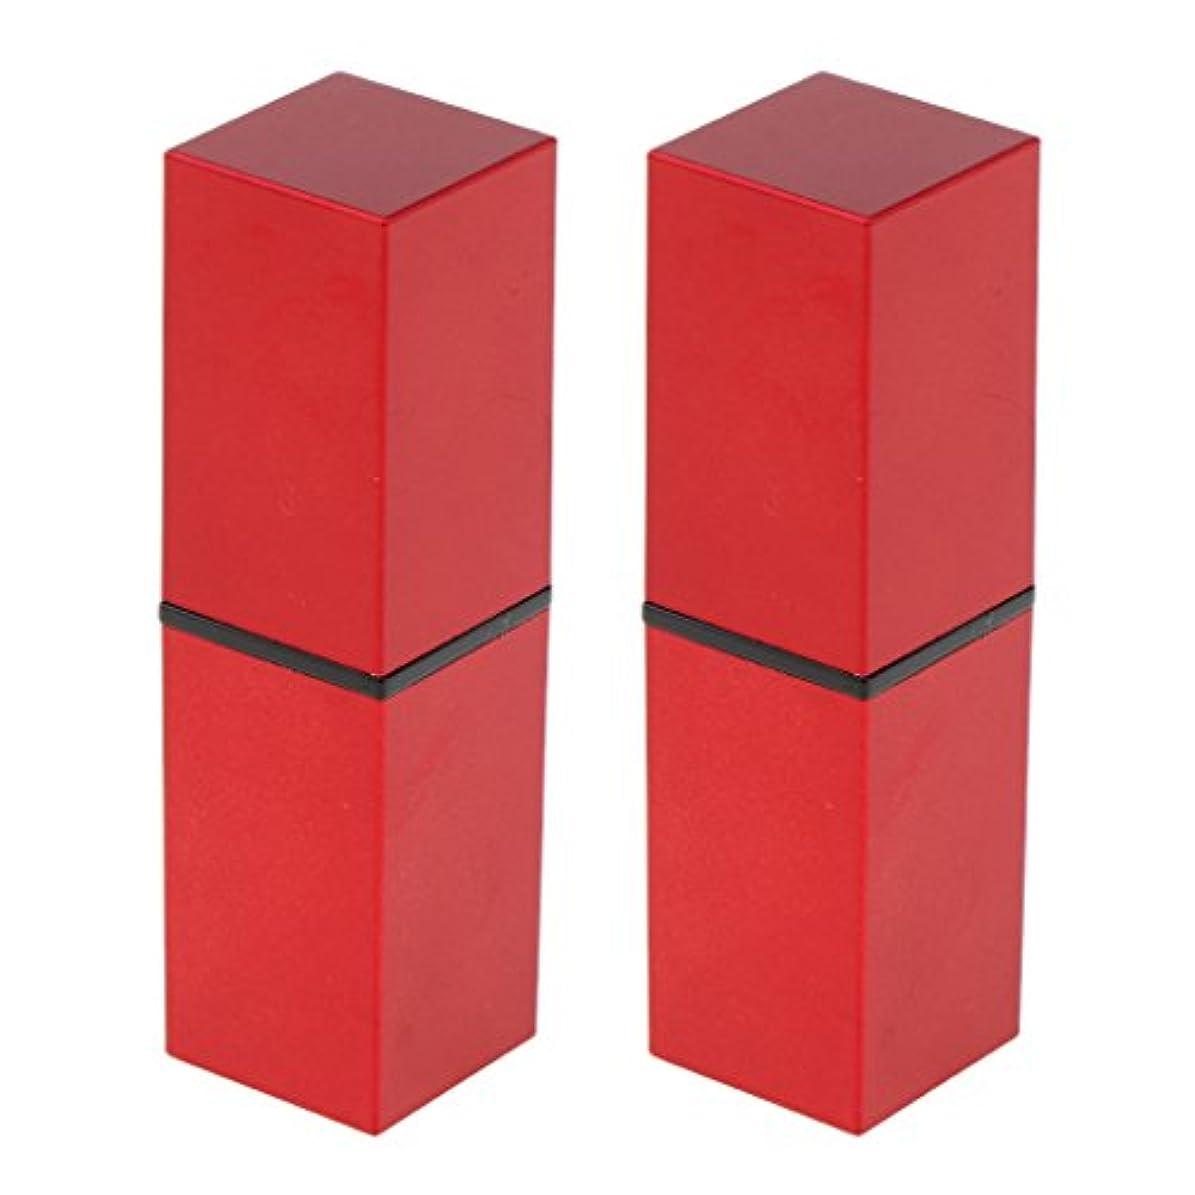 長さやろう可愛いFenteer 2本 リップスティック 口紅 DIY 空チューブ 収納コンテナ リップバーム 12.1MM 口紅チューブ 手作り 全4色 - 赤